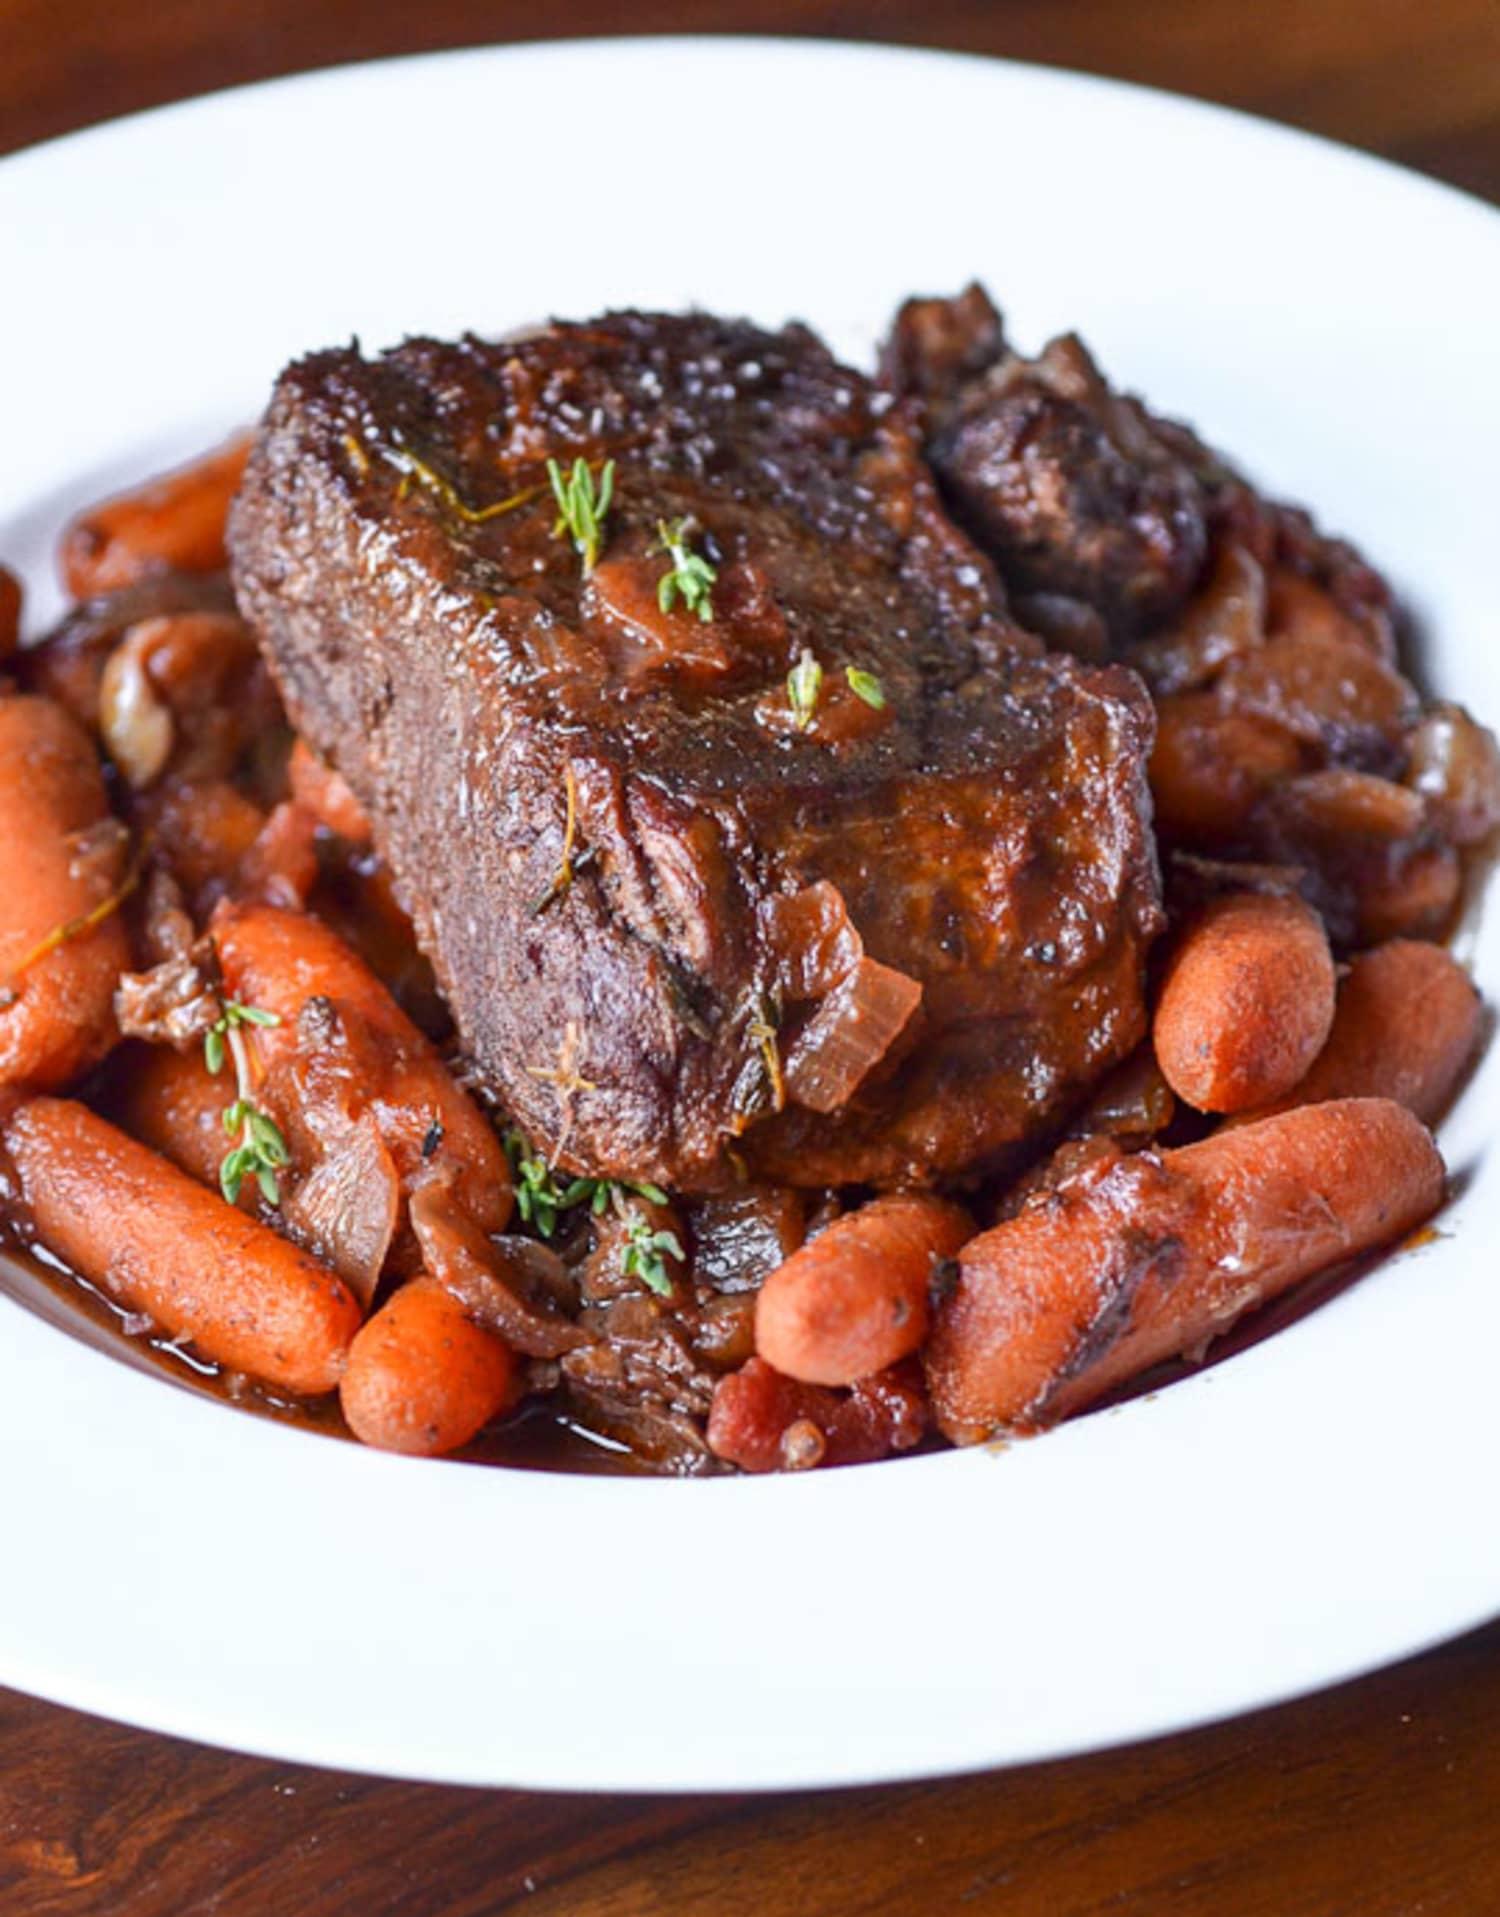 блюда из говядины рецепты с фото легкие примет